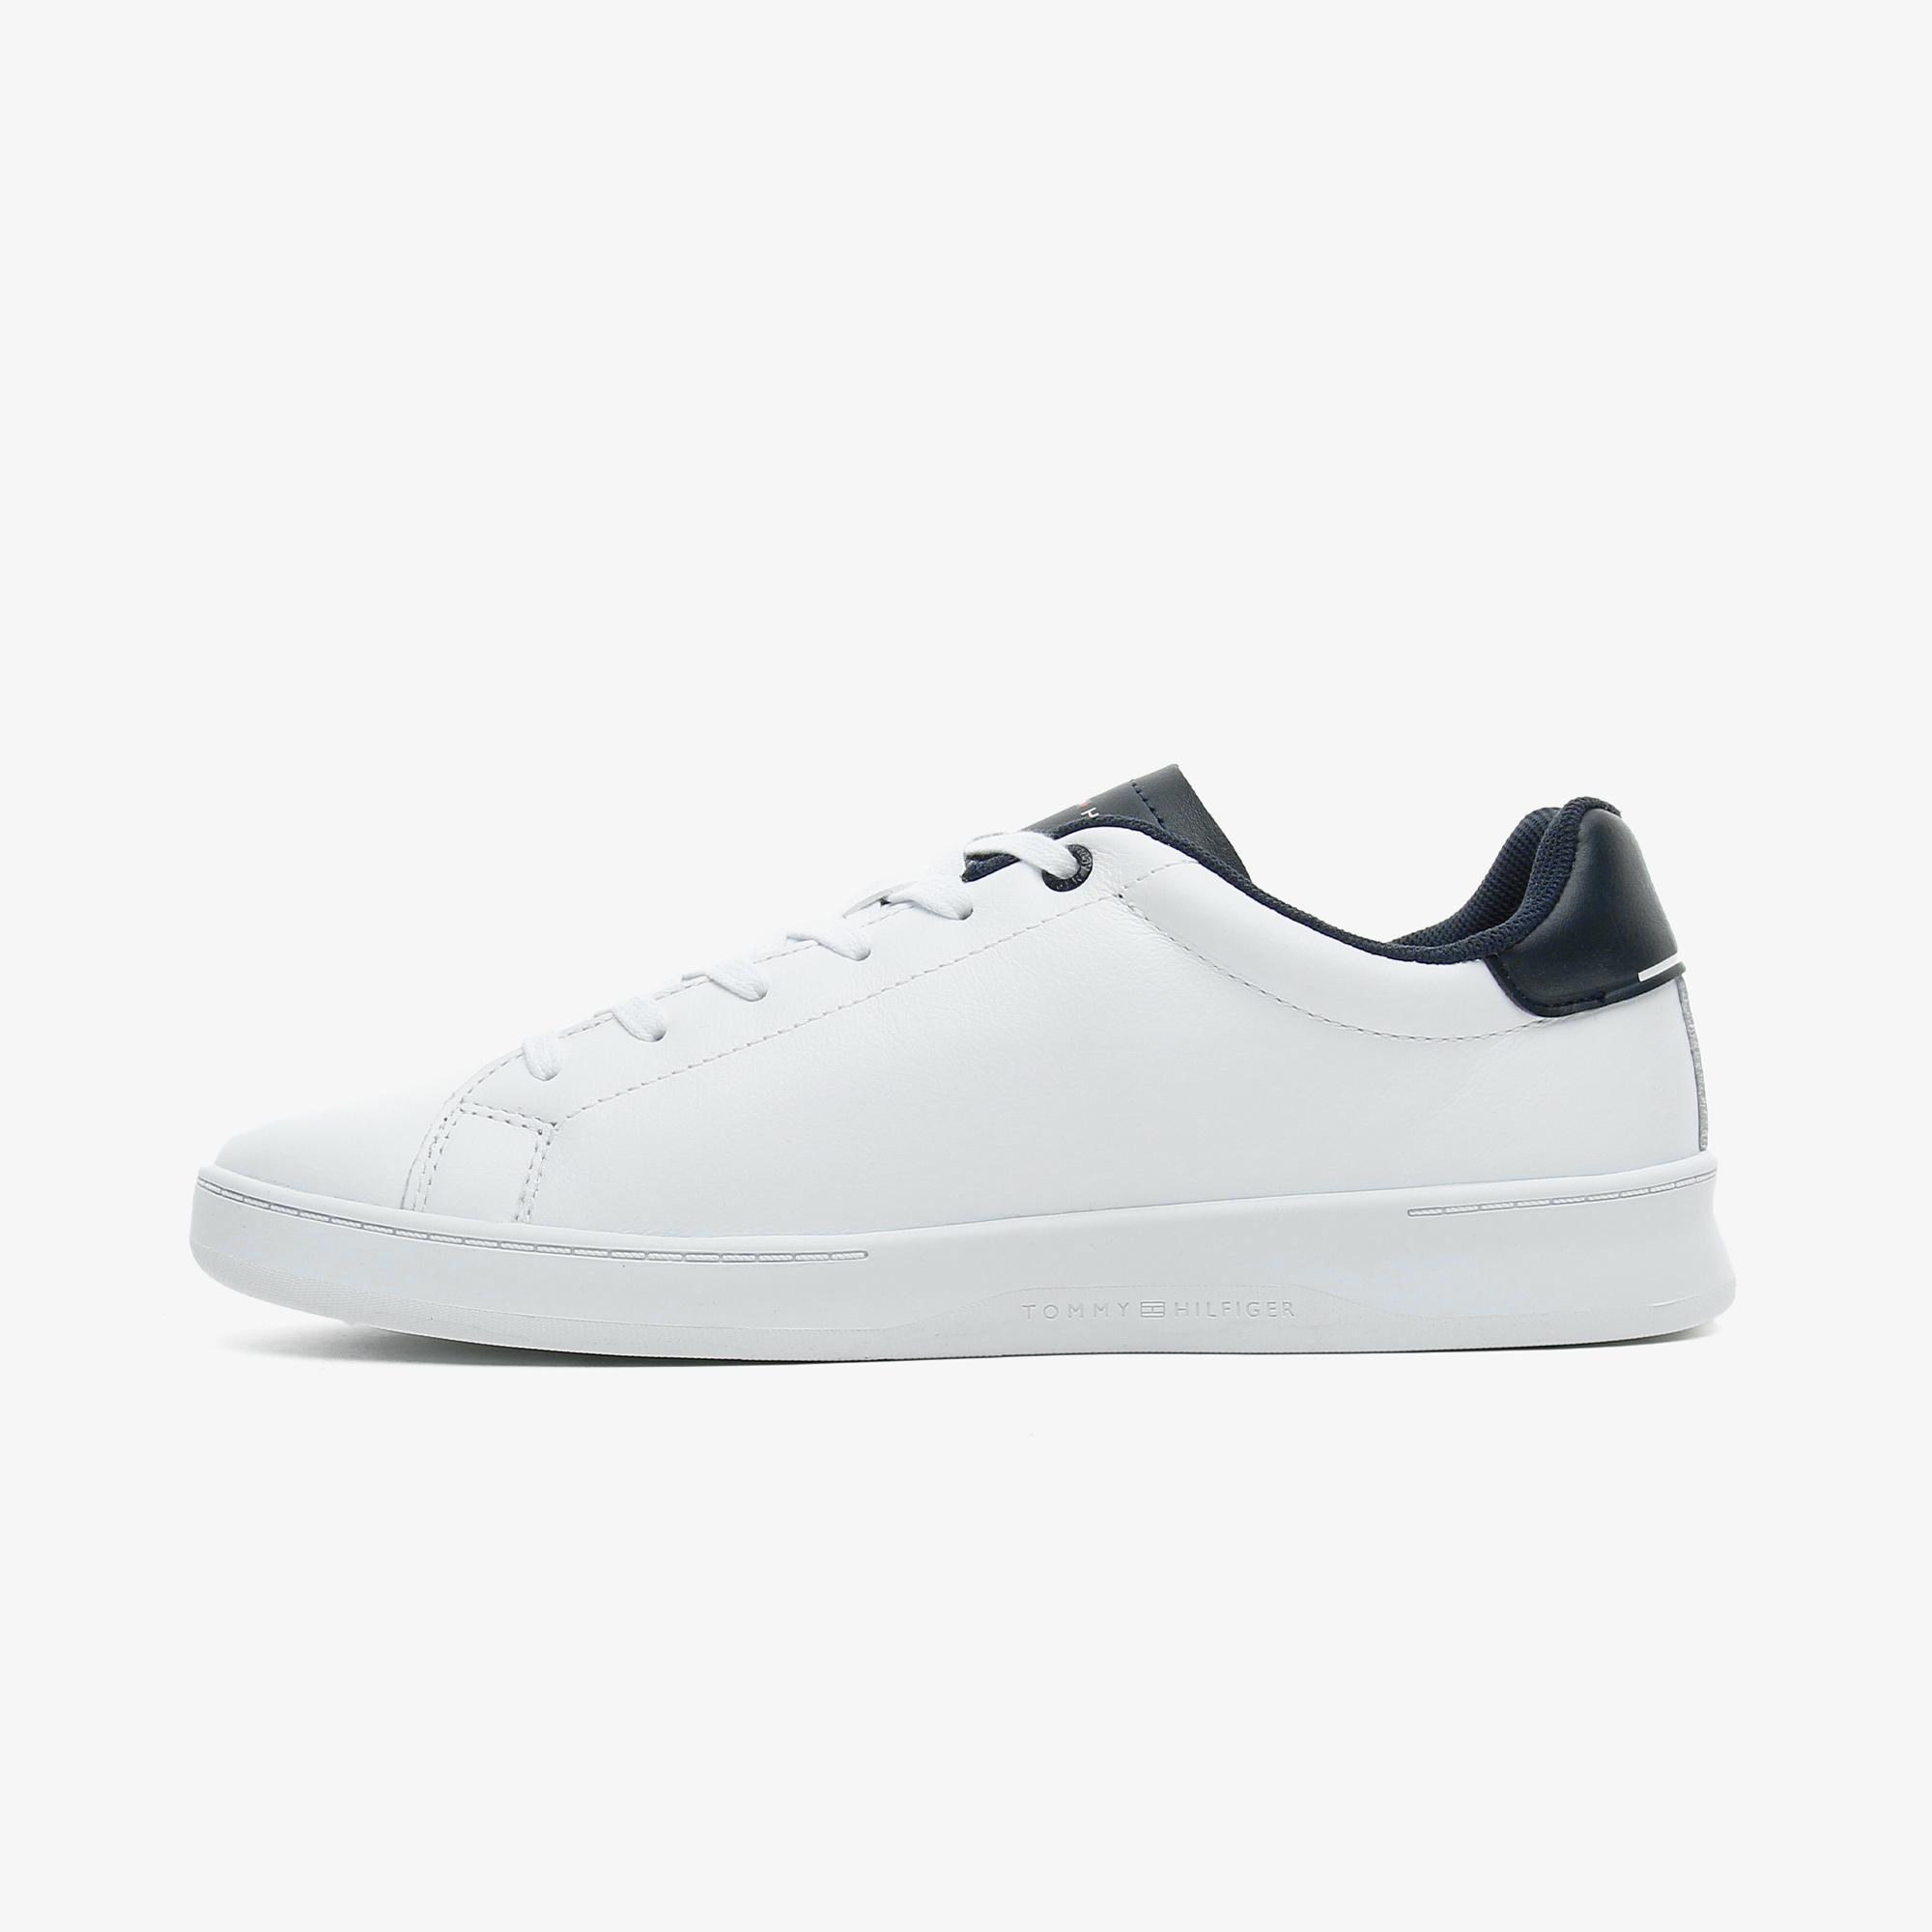 Кросівки чоловічі Tommy Hilfiger RETRO TENNIS